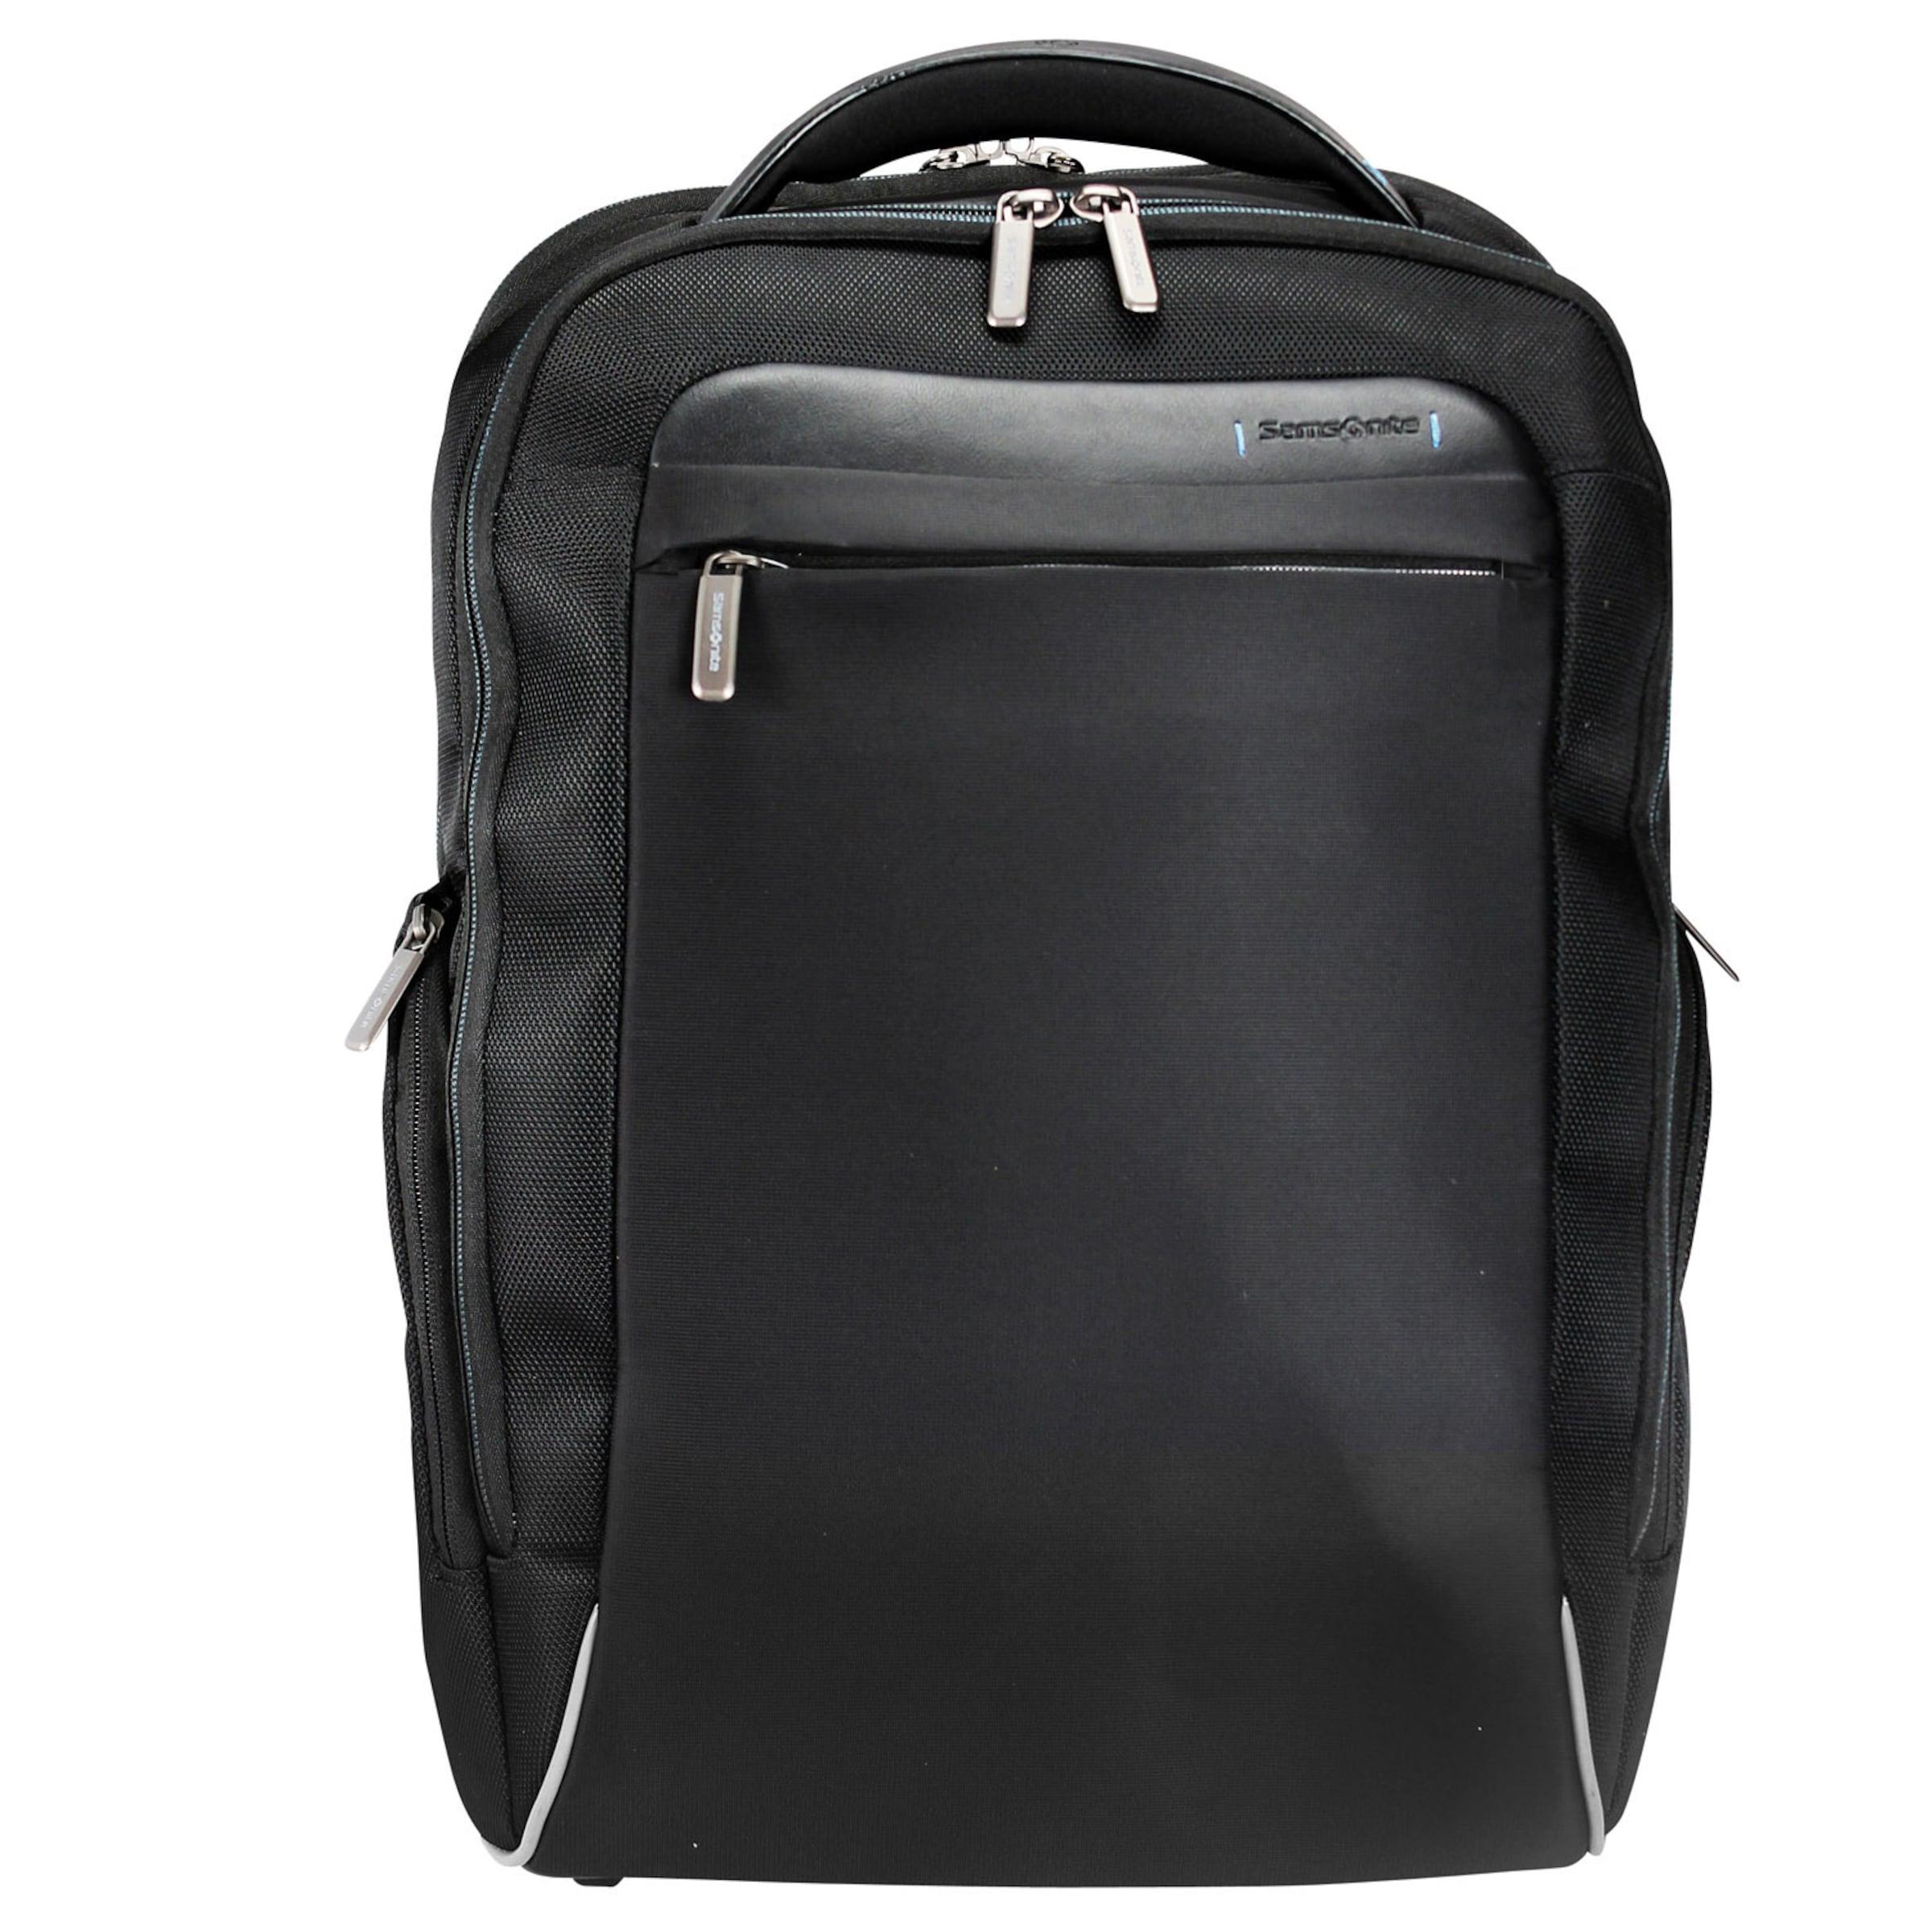 SAMSONITE Spectrolite Laptop-Rucksack Backpack 46,5 cm